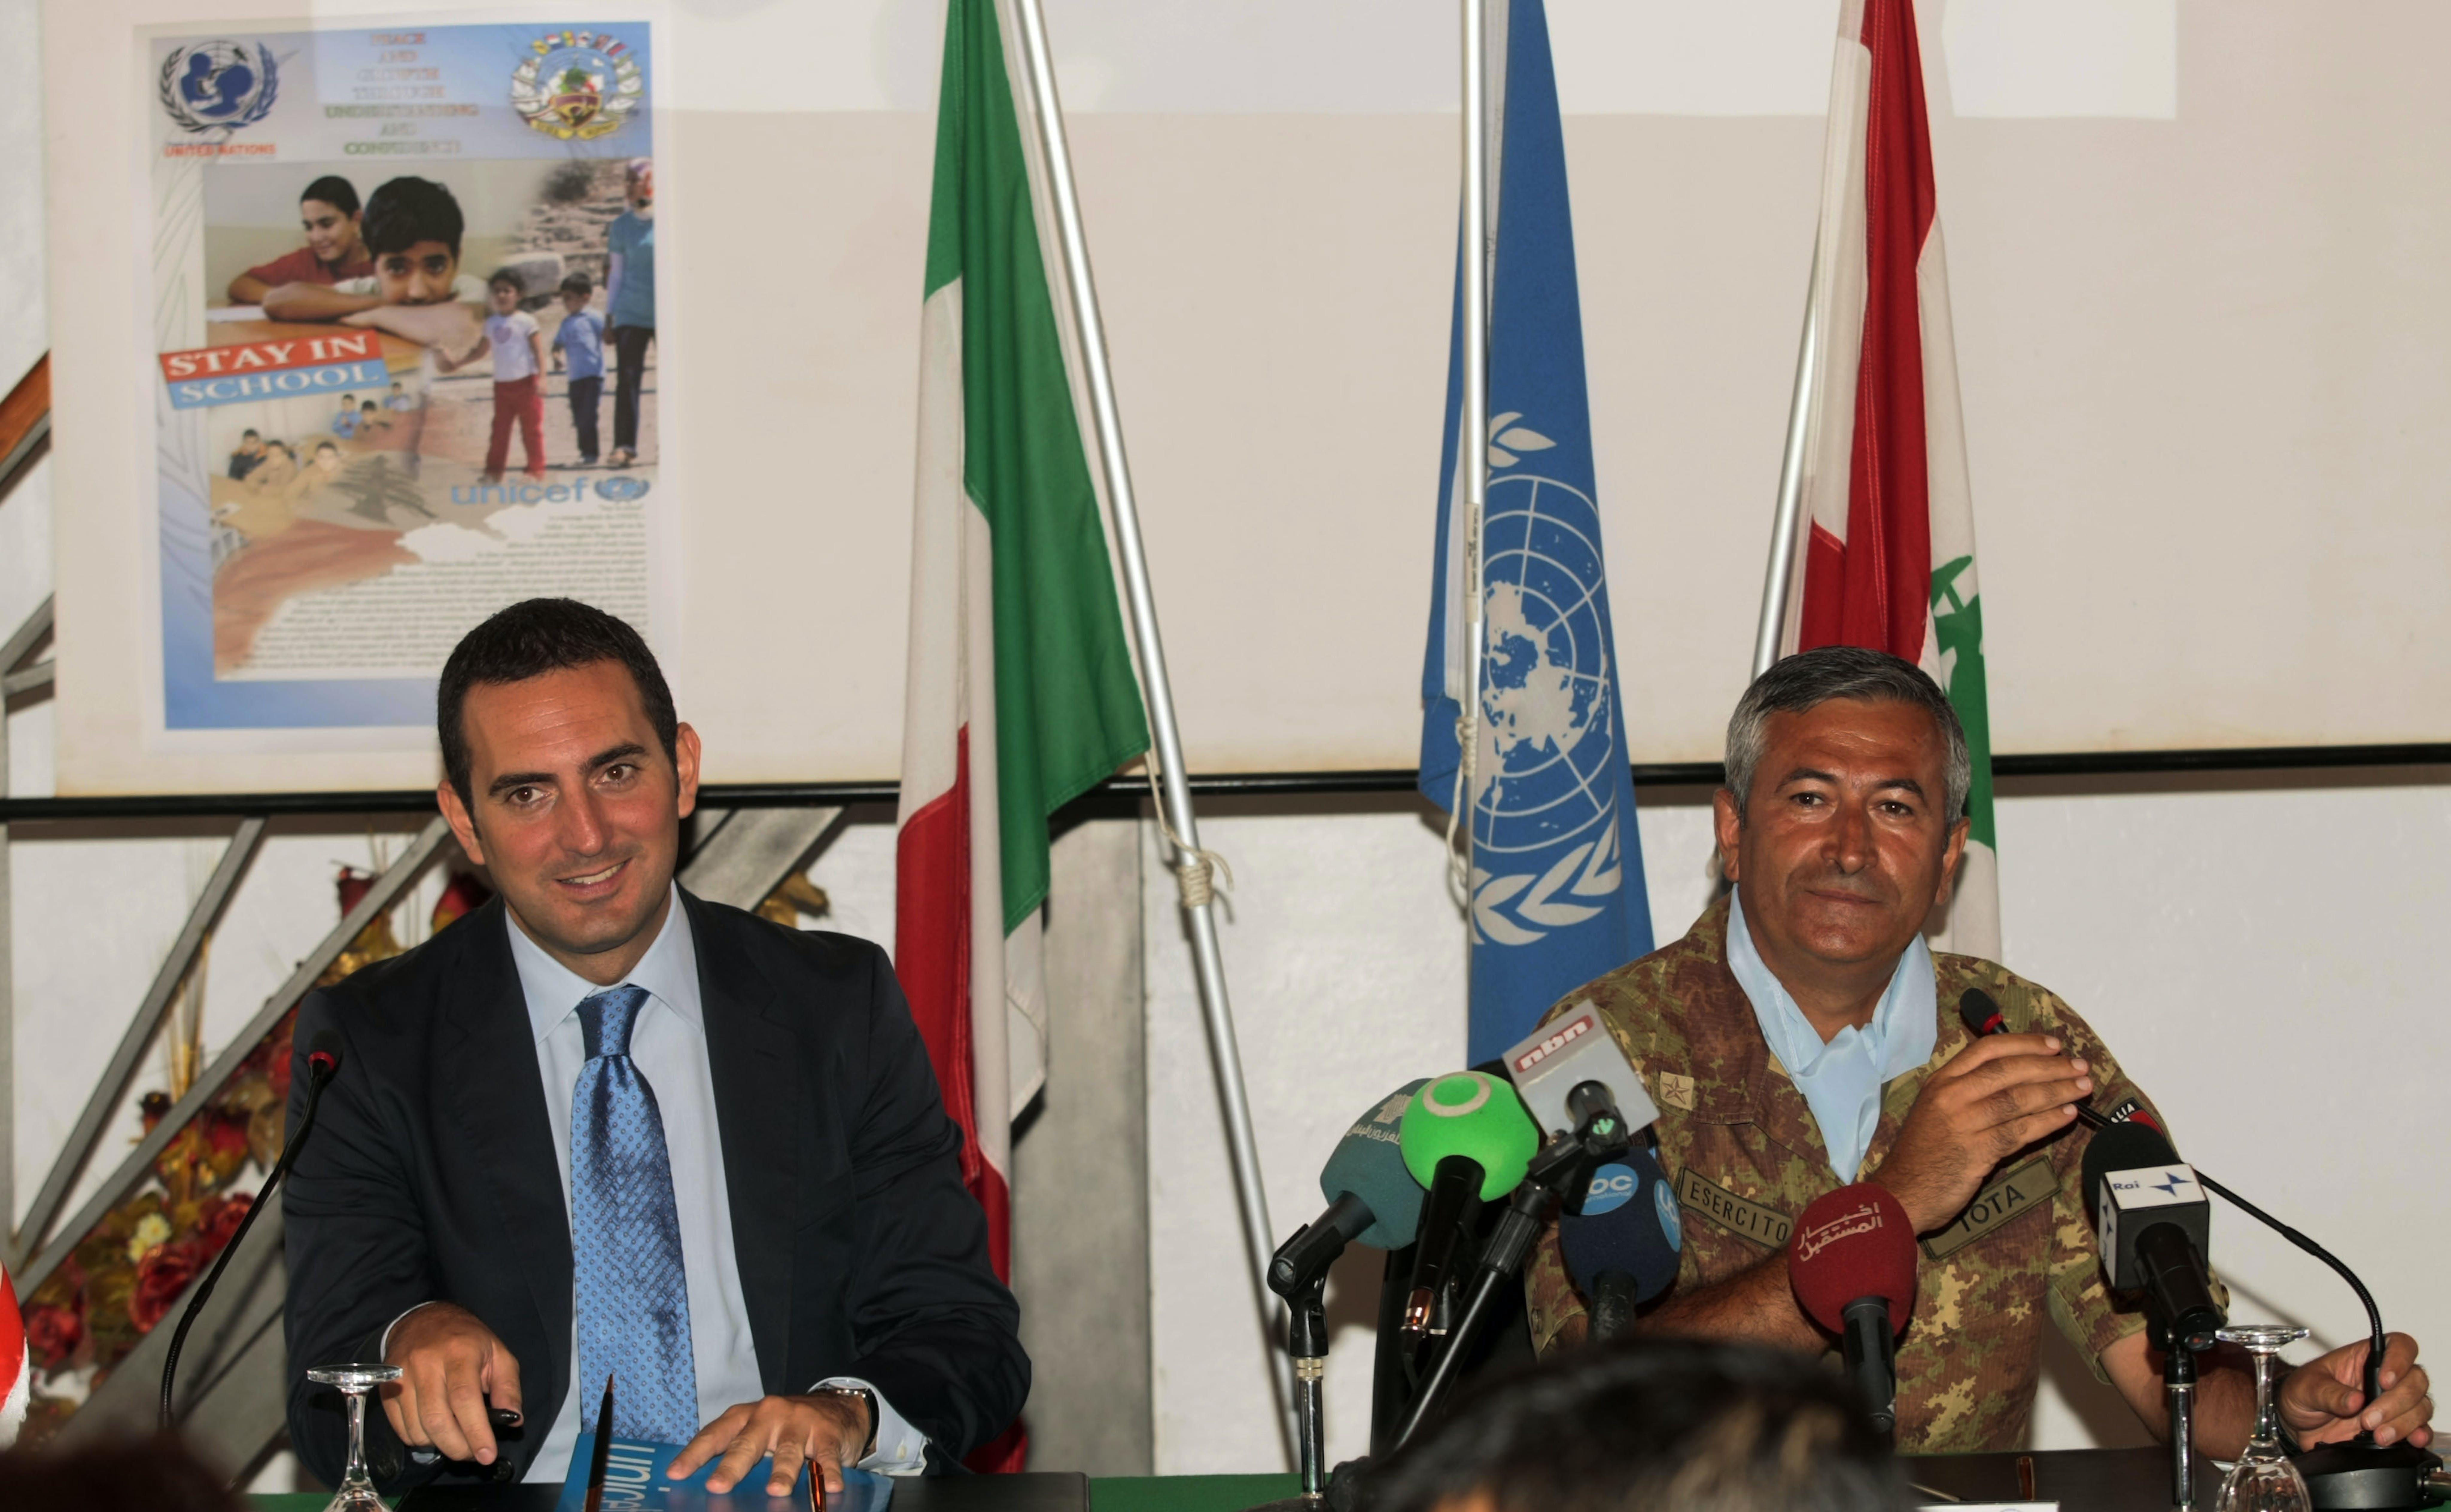 Il Presidente dell'UNICEF Vincenzo Spadafora durante la conferenza stampa presso la base del comando UNIFIL (Shama, Libano). Accanto il Generale Giuseppe Nicola Tota